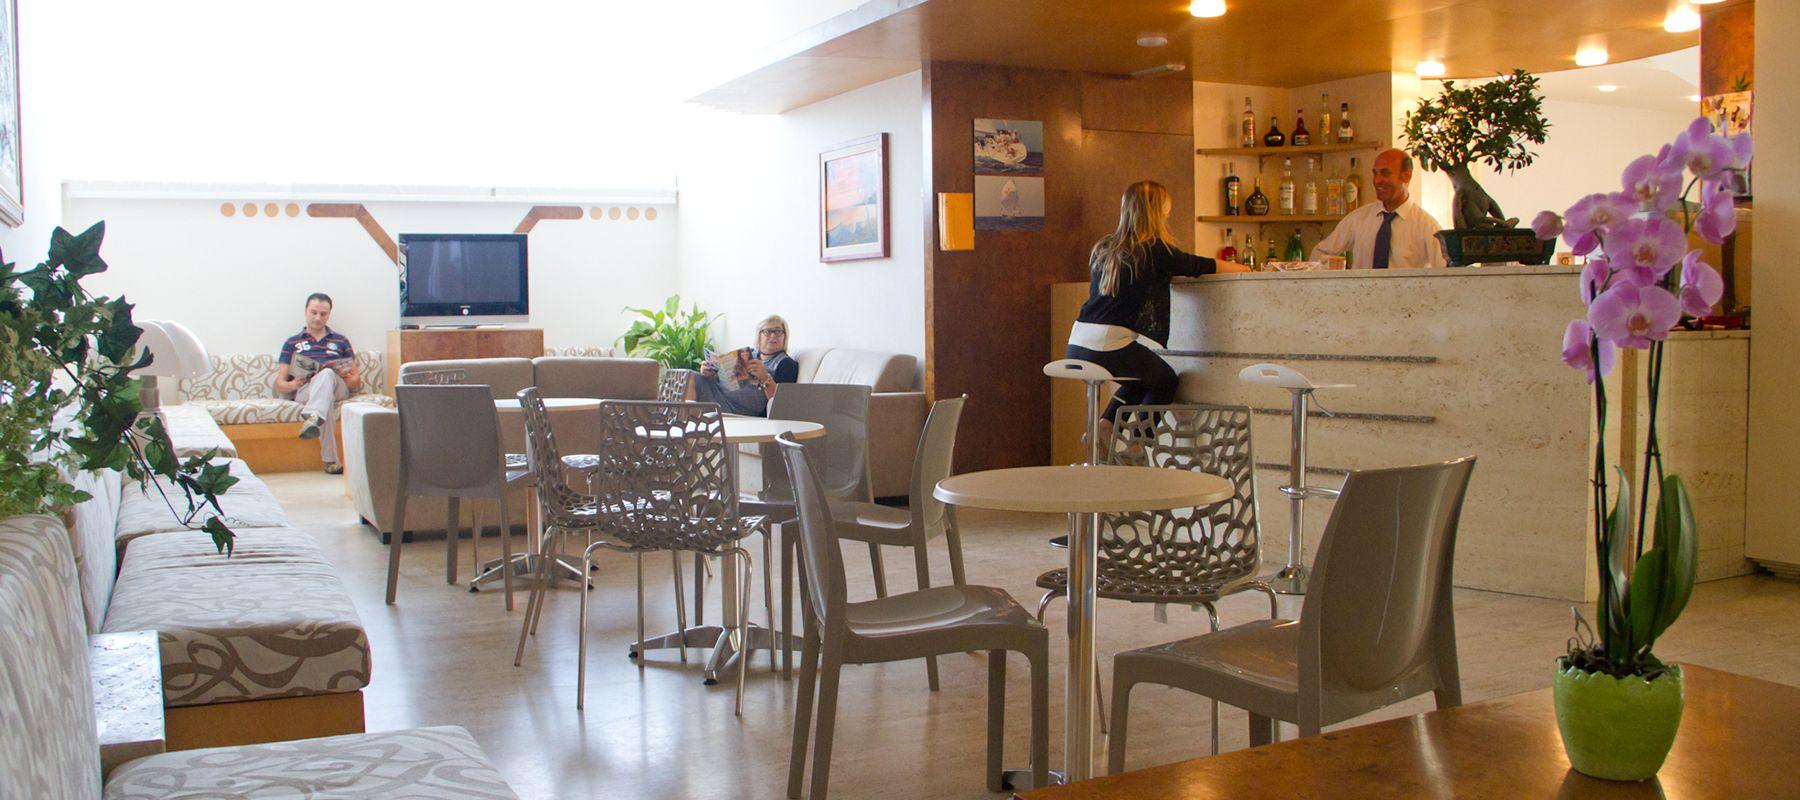 Hotel per famiglie a San Benedetto del Tronto